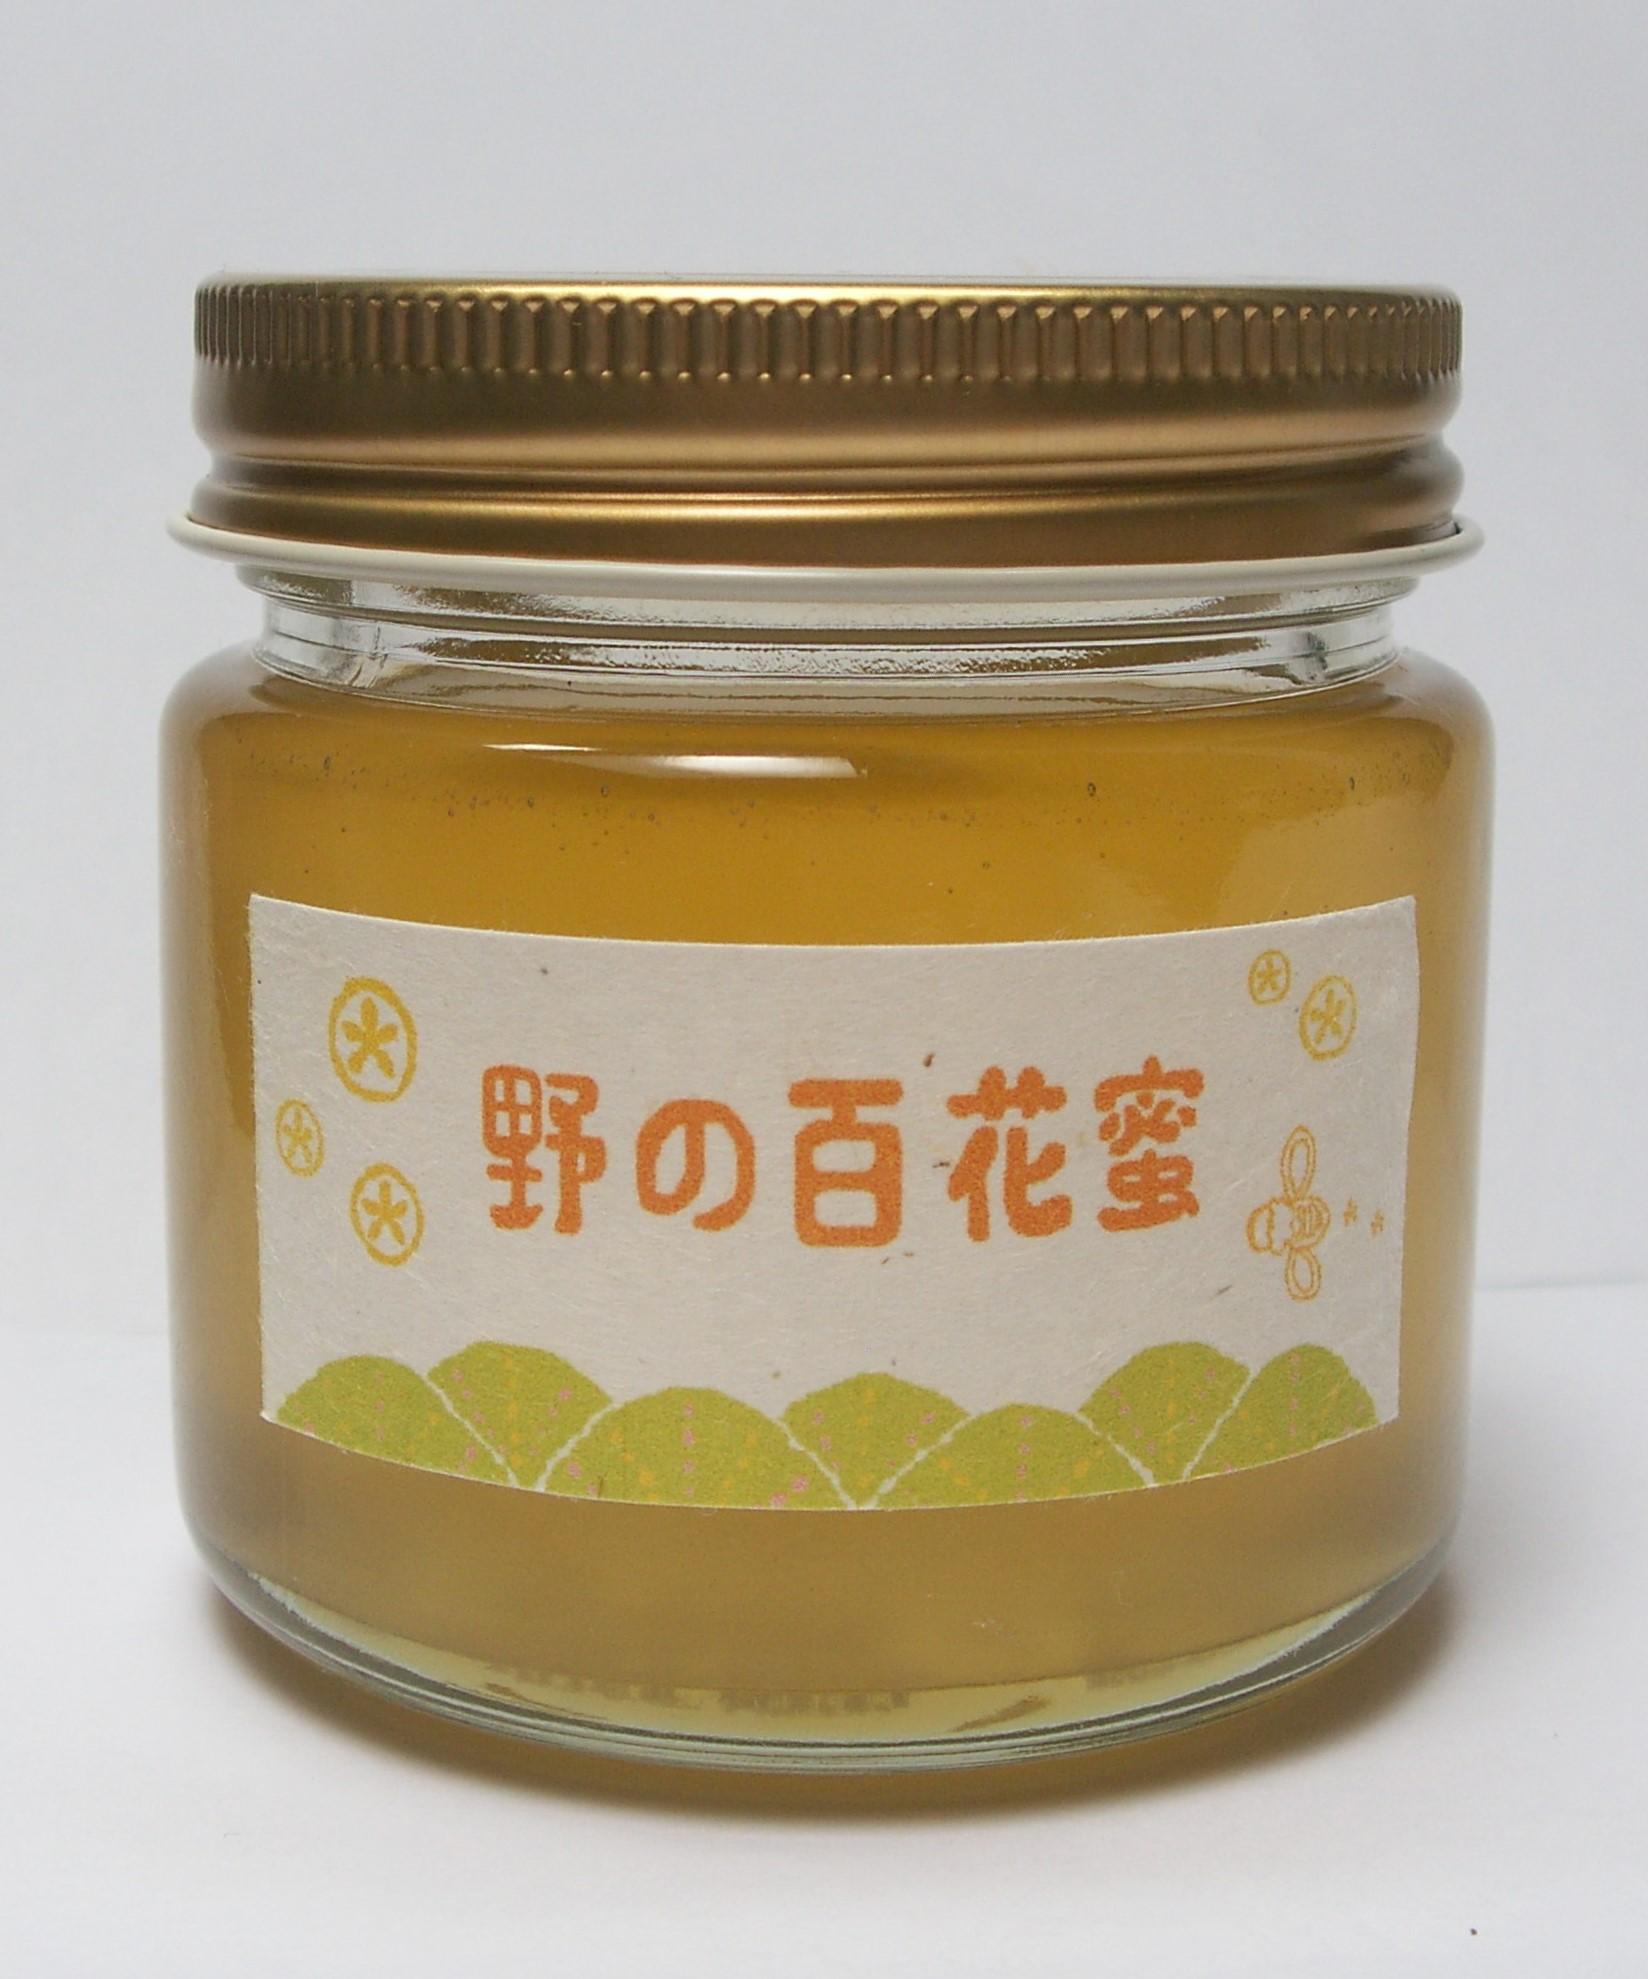 藤沢産 野の百花蜜(結晶蜂蜜) 150g画像